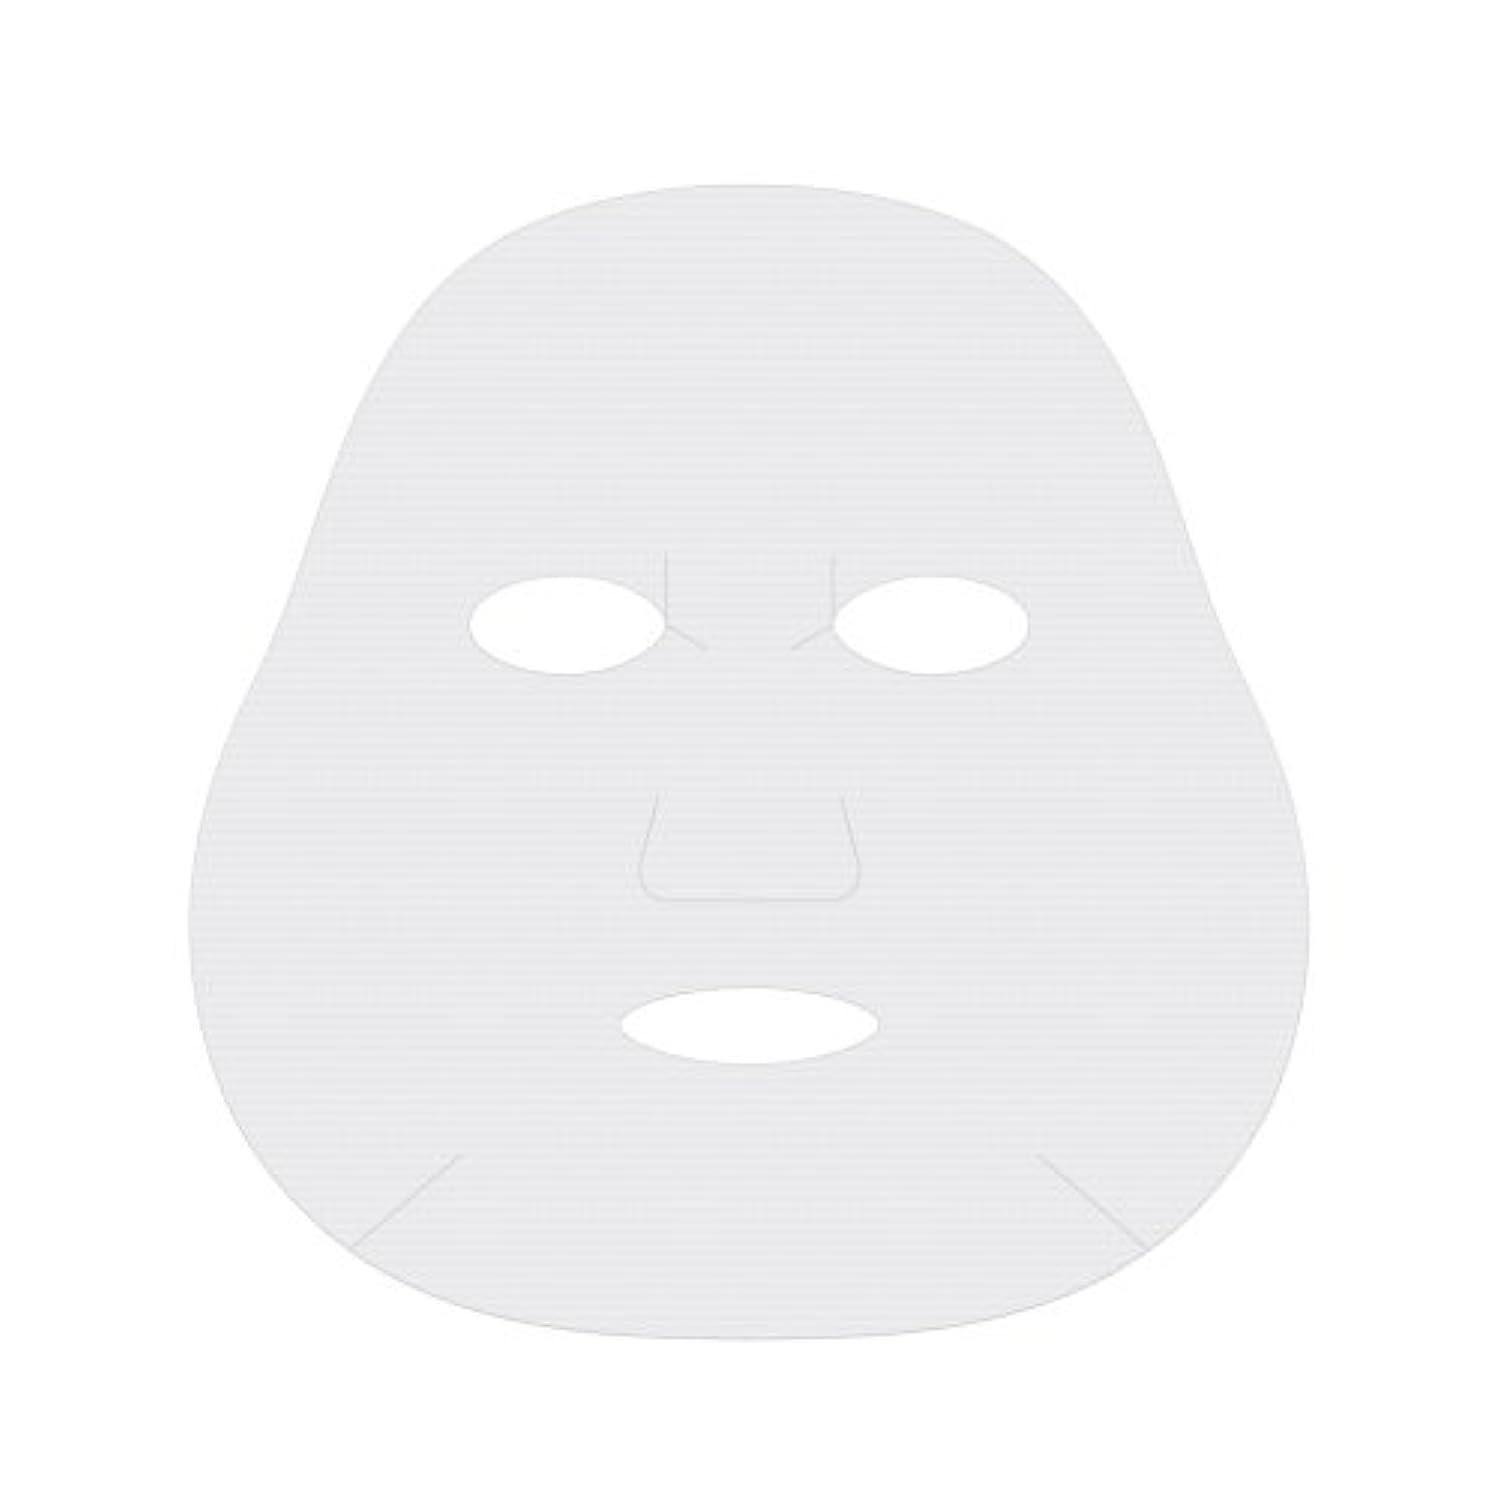 仮装キロメートル創始者CELLA COSMETICS フェイスマスクシート